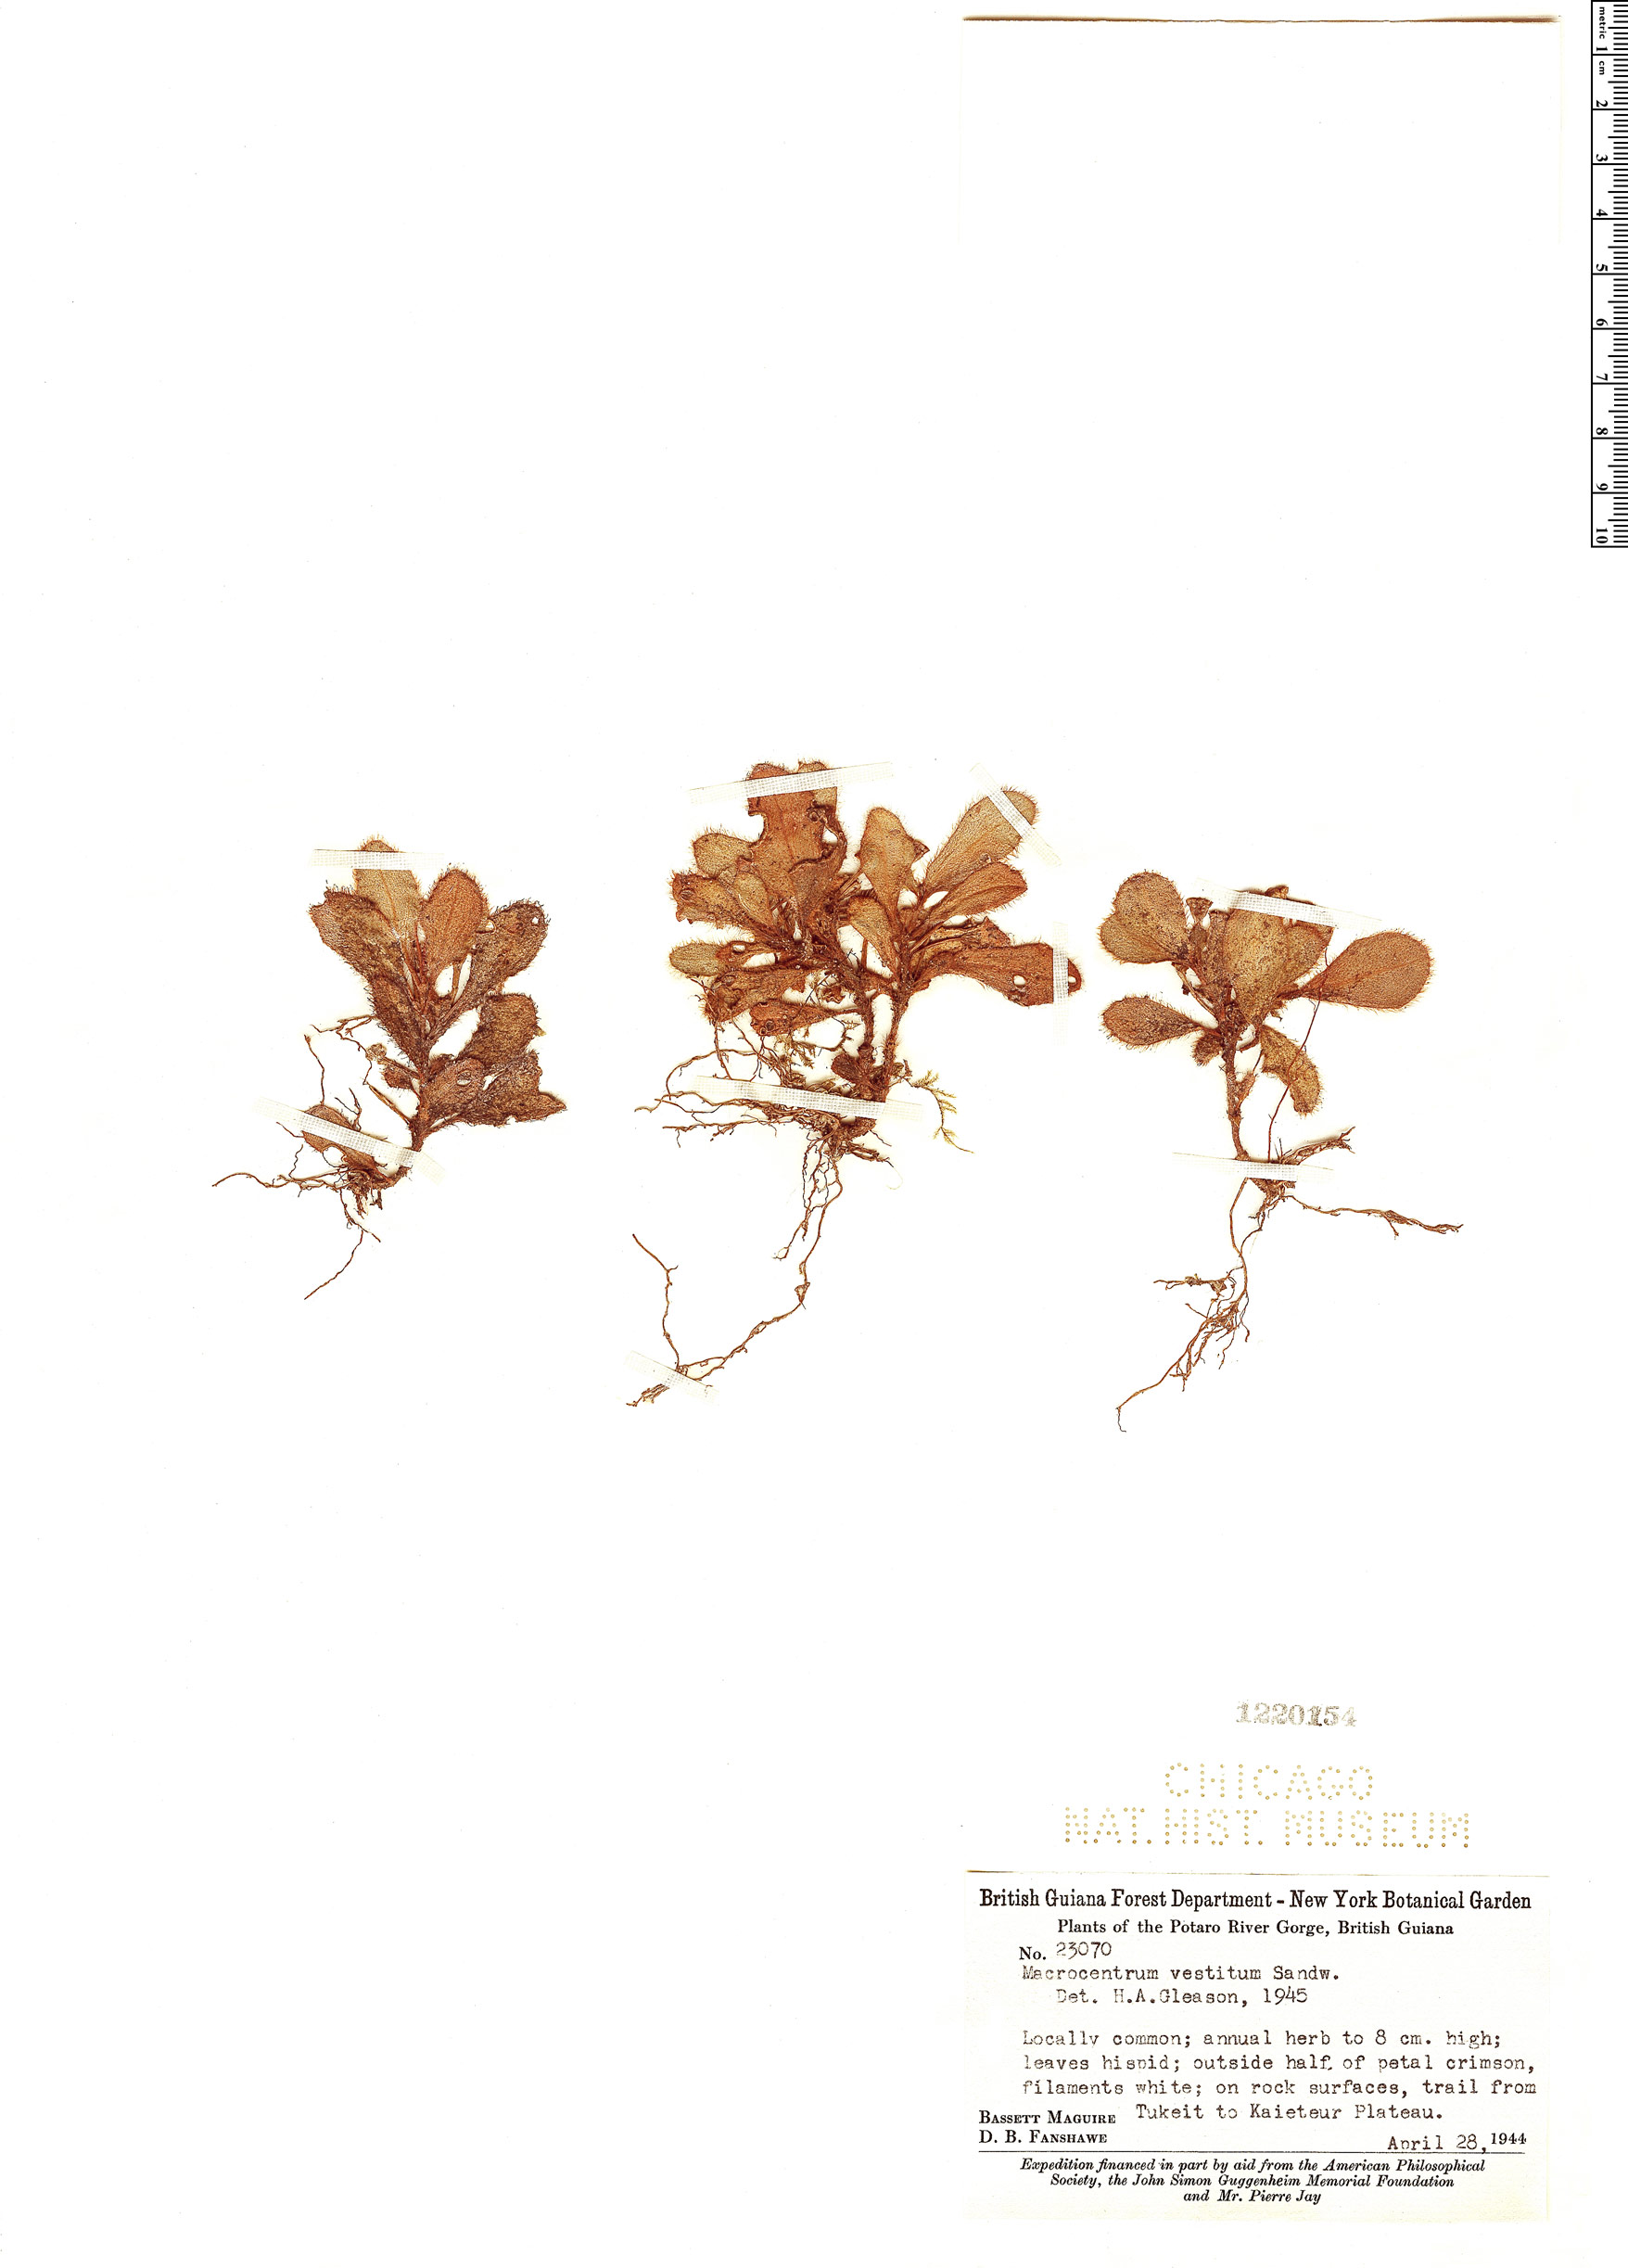 Specimen: Macrocentrum vestitum